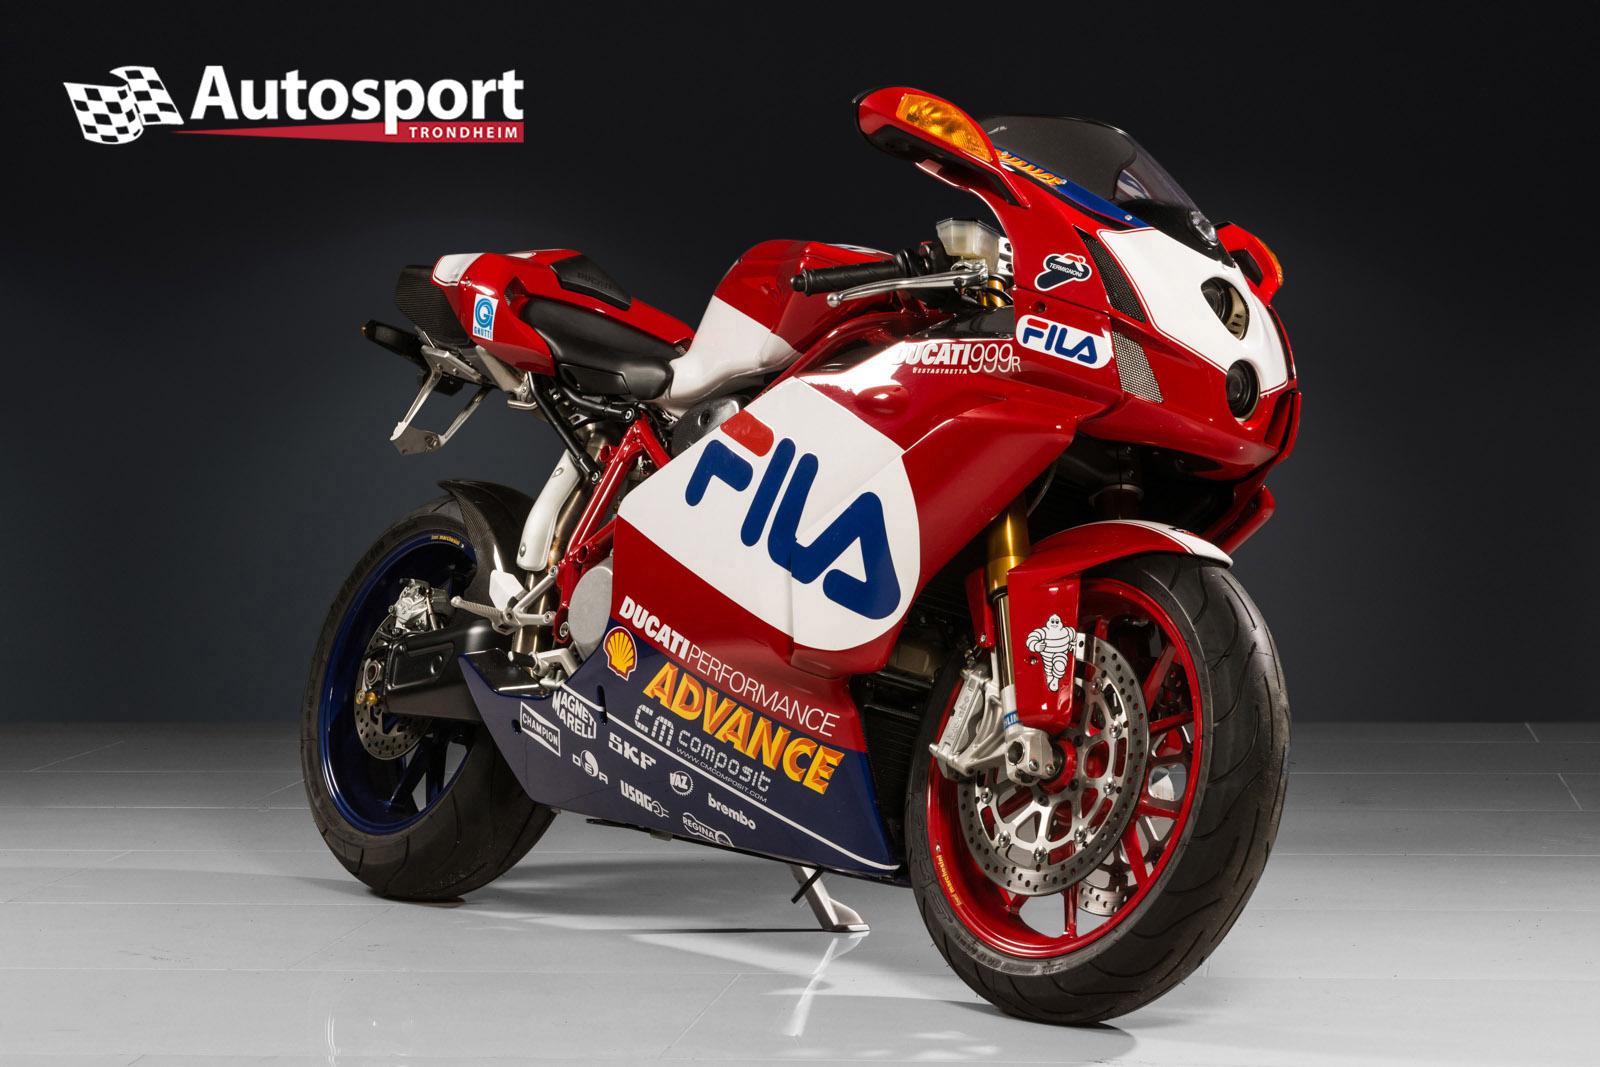 Ducati_FILA_01.jpg